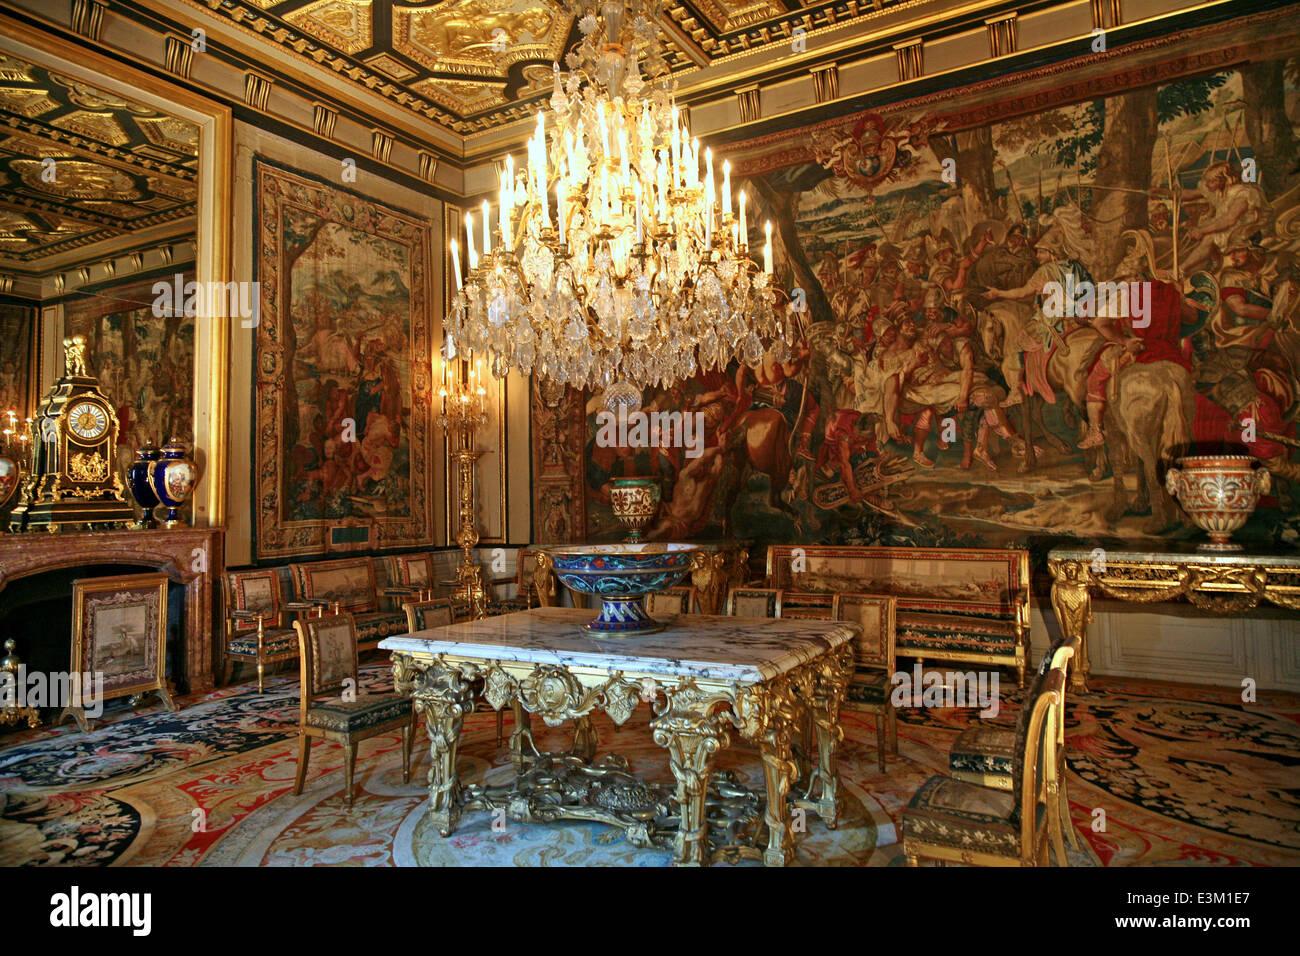 Chateau de fontainebleau palace dining room stock photo 71125663 alamy - Table des marechaux fontainebleau ...